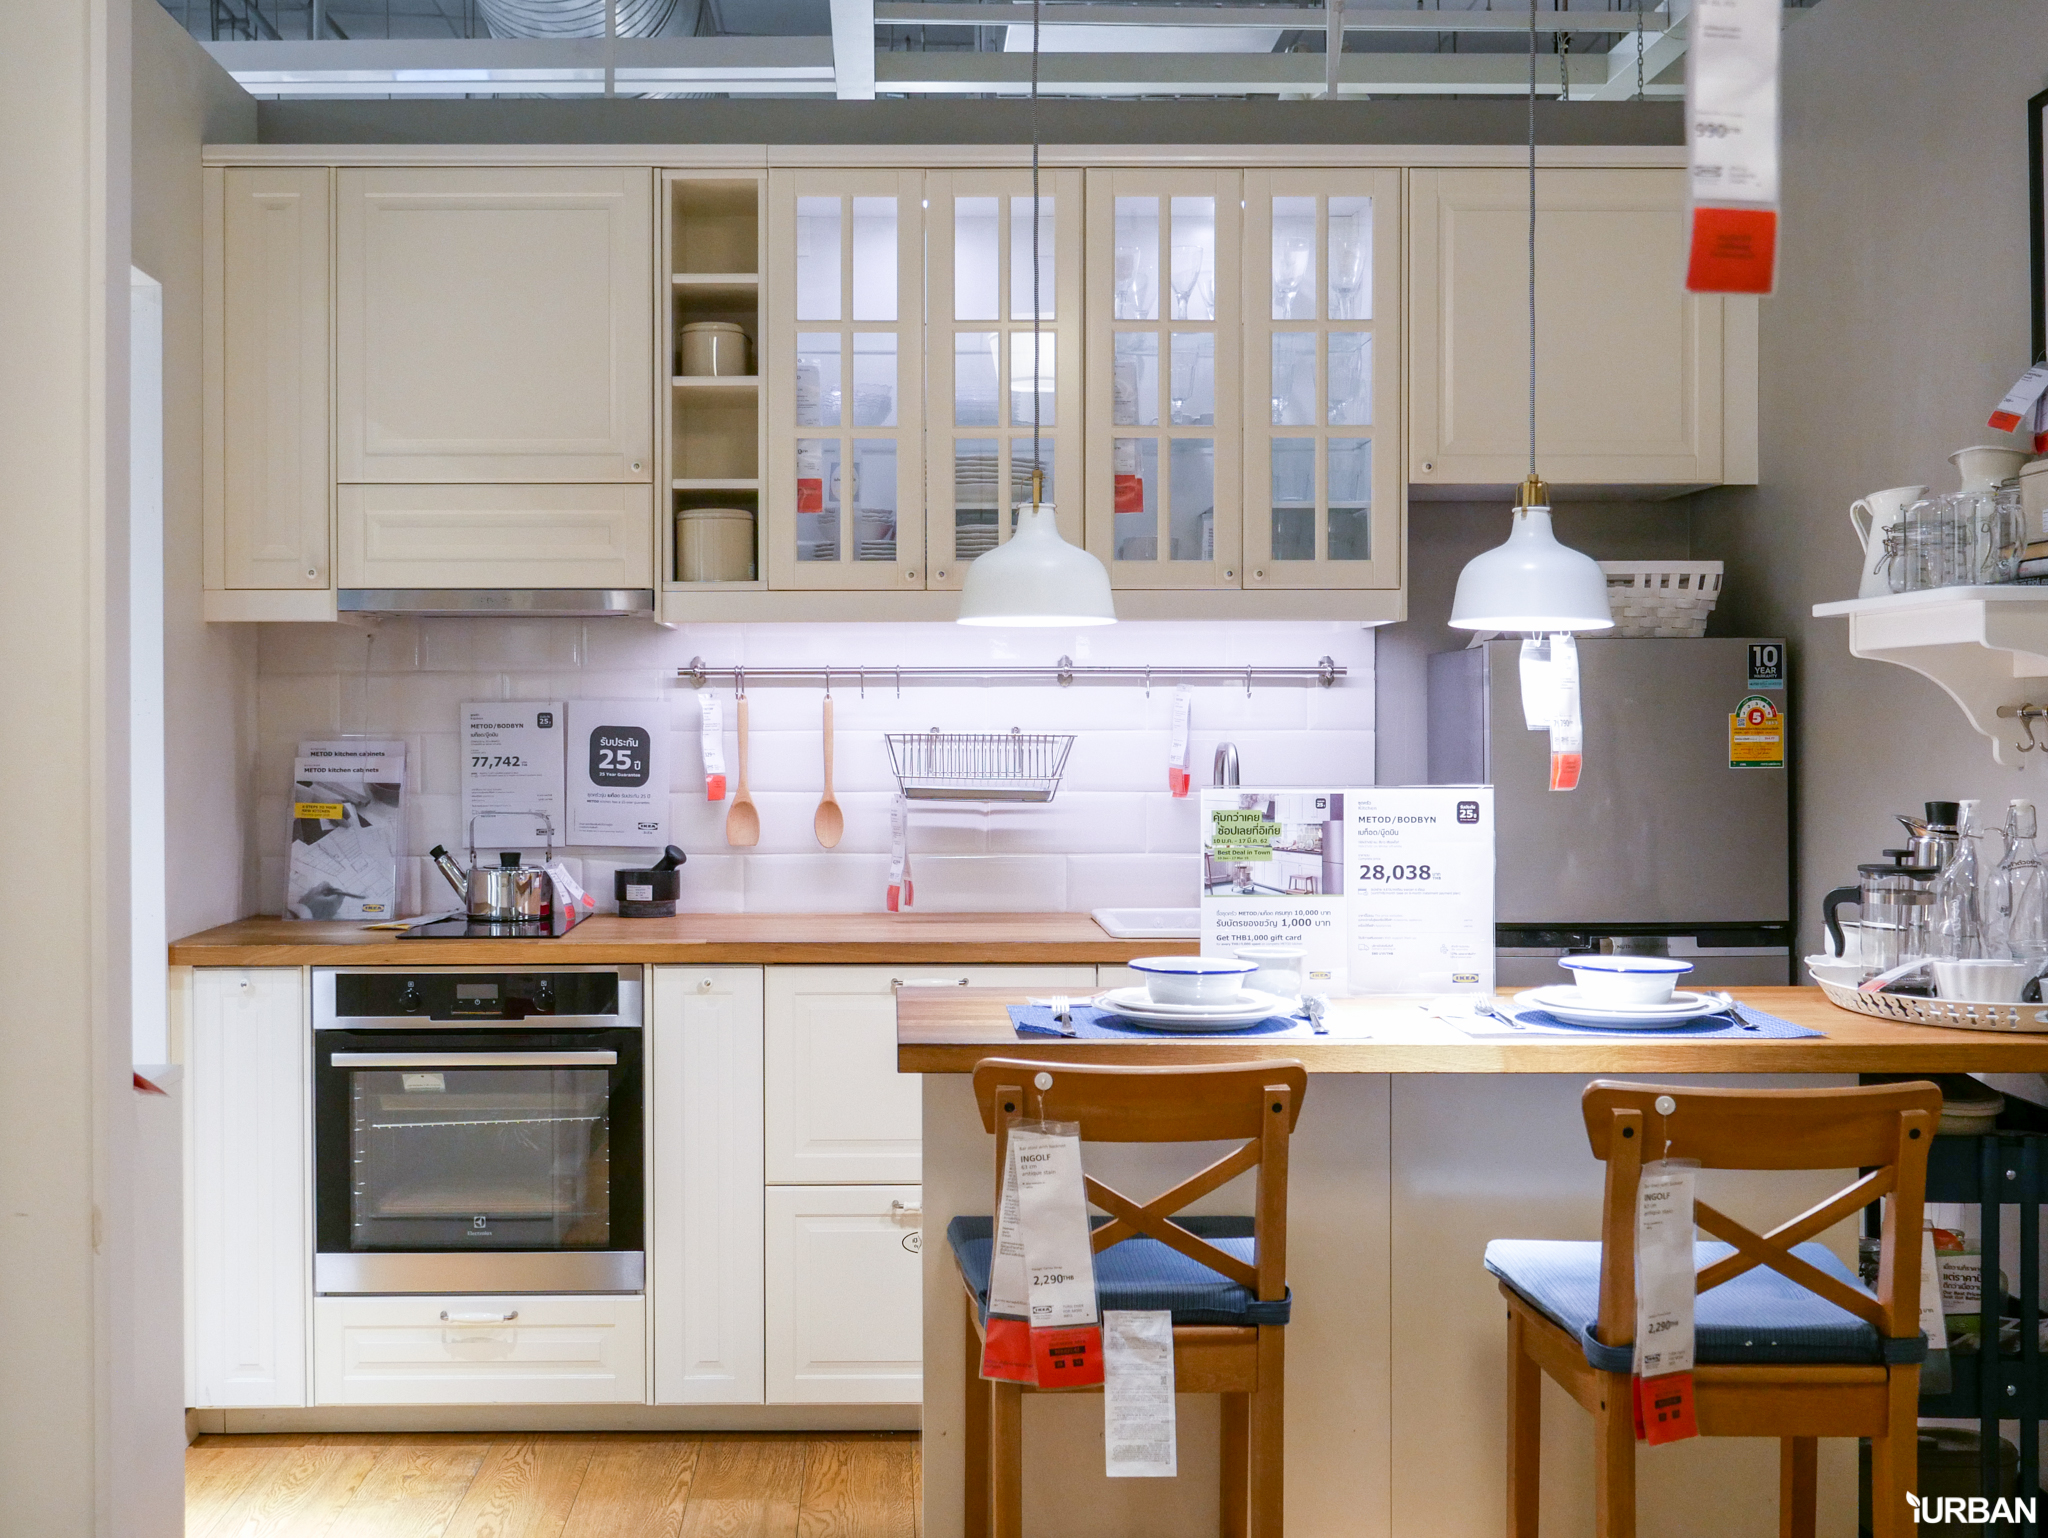 9 เหตุผลที่คนเลือกชุดครัวอิเกีย และโอกาสที่จะมีครัวในฝัน IKEA METOD/เมท็อด โปรนี้ดีที่สุดแล้ว #ถึง17มีนา 47 - IKEA (อิเกีย)